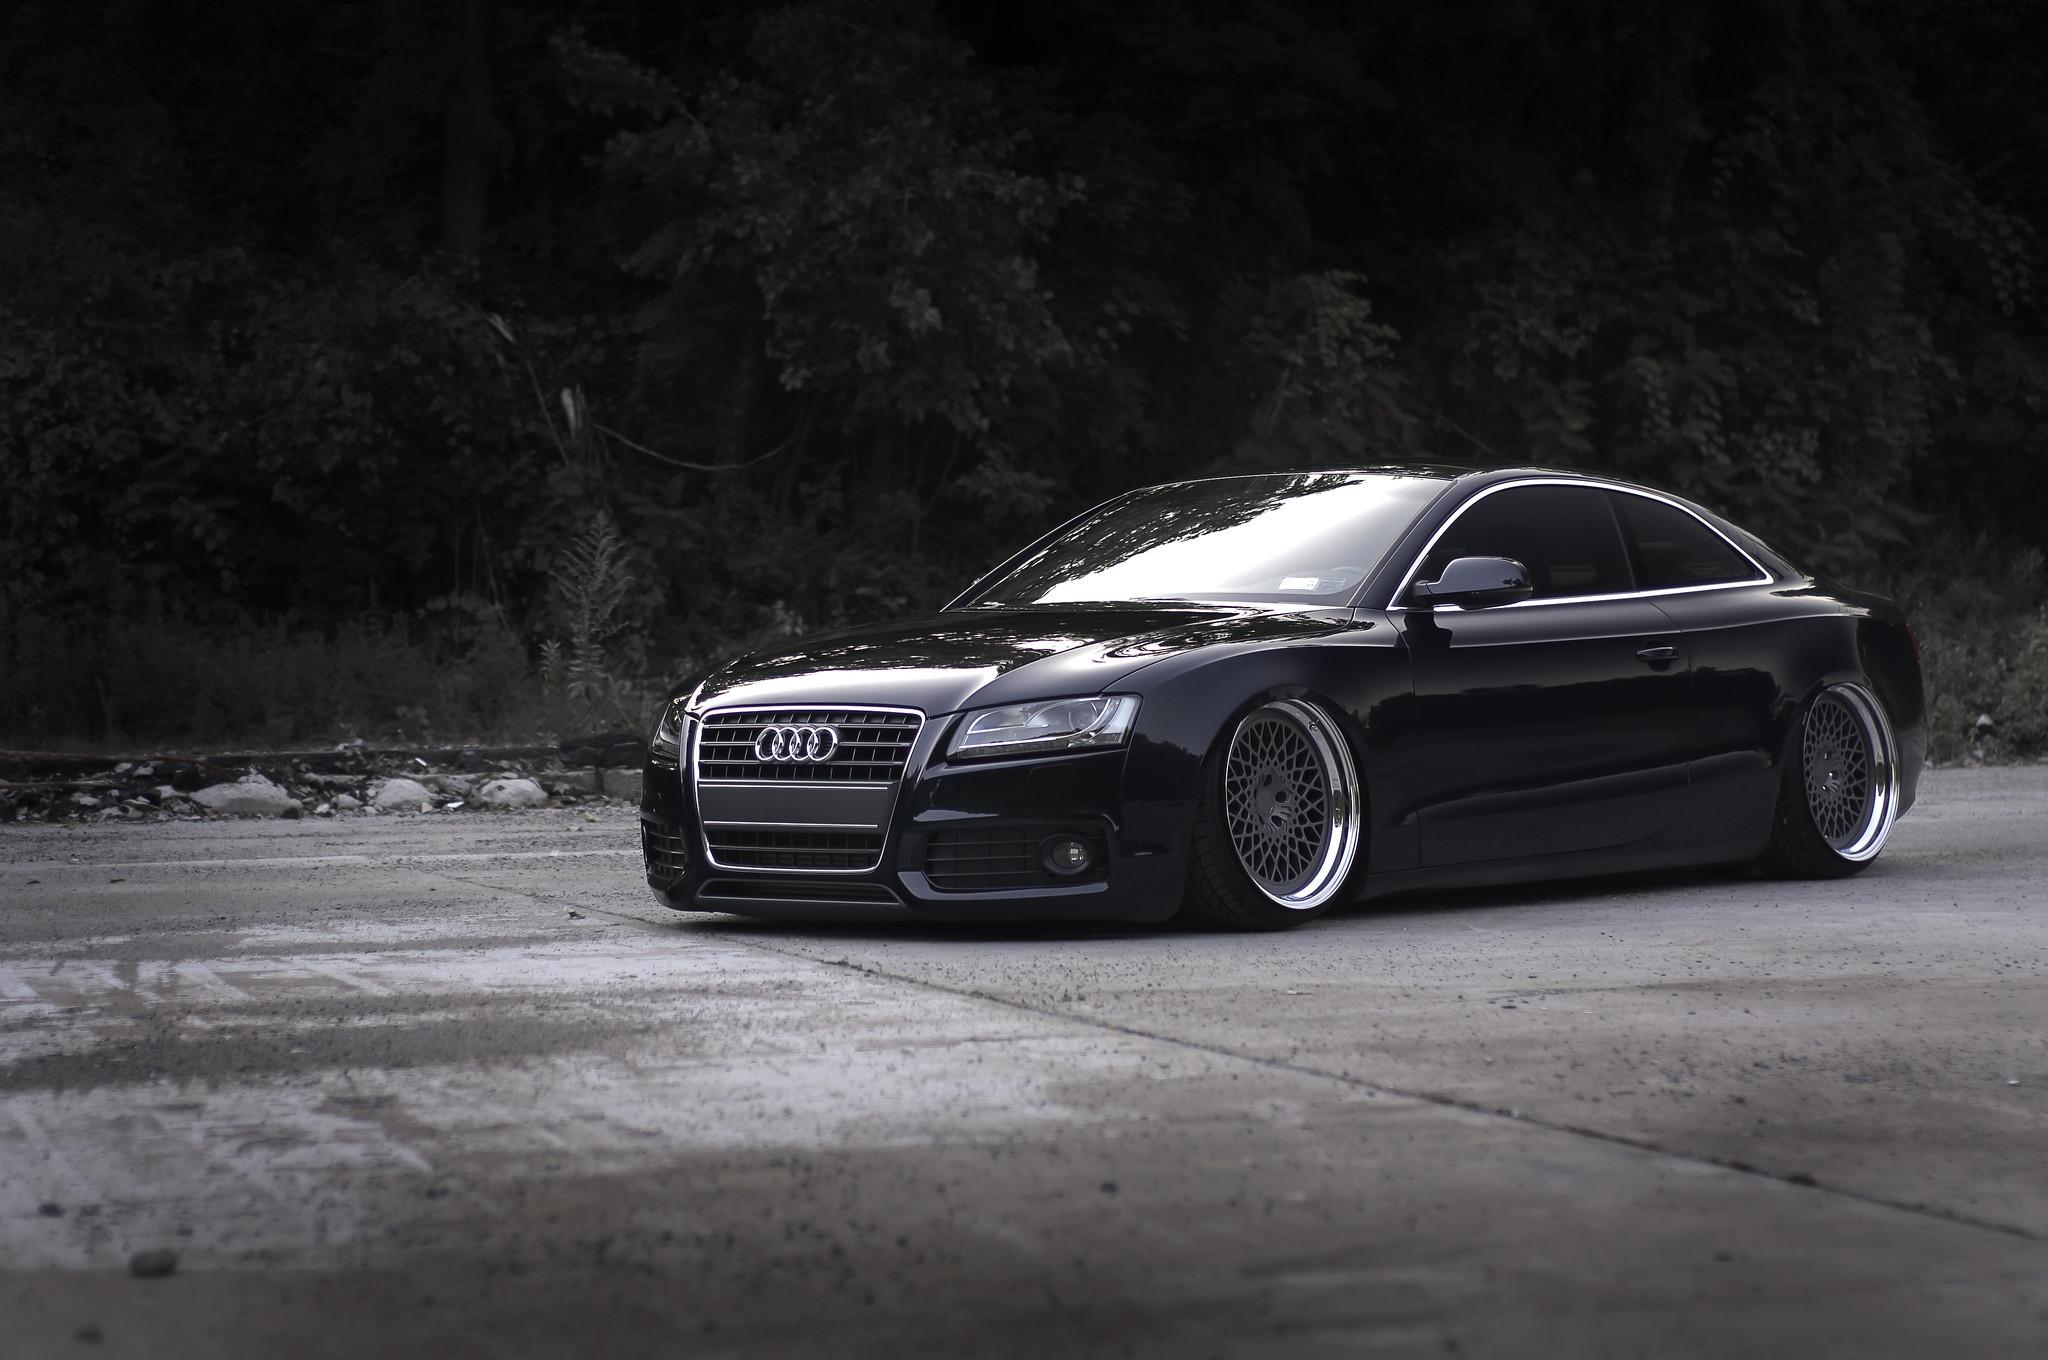 Fs 20x10 5 3 Piece Forged Rotiform Lhr Wheels Audi A5 S5